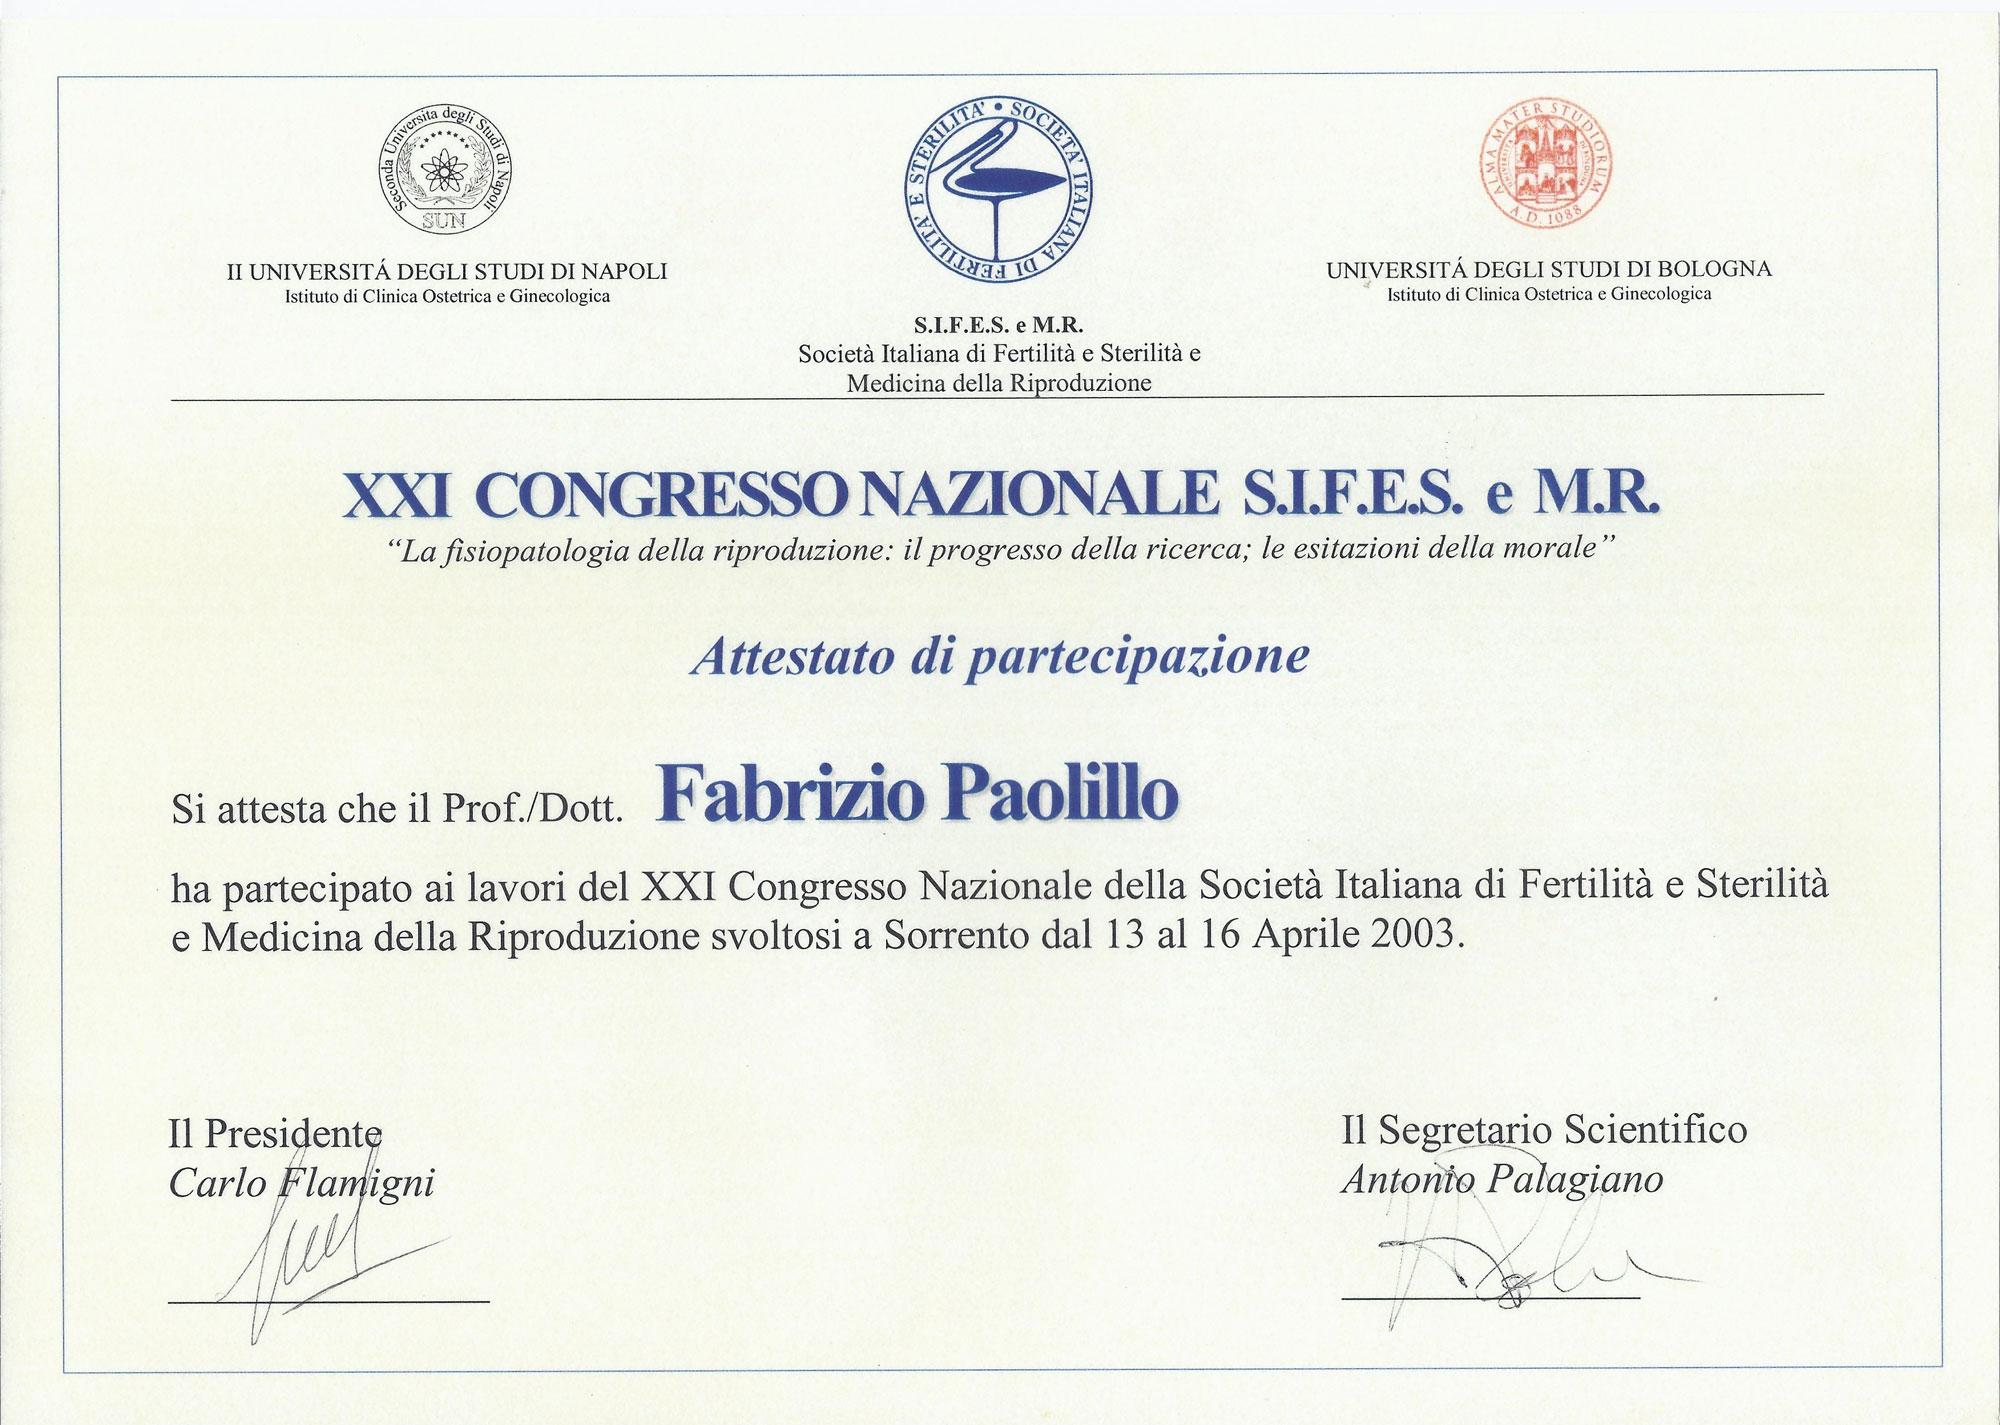 XXII Congresso Nazionale S.I.F.E.S. e M.R. - La fisiopatologia della riproduzione: il progresso della ricerca; le esitazioni della morale.